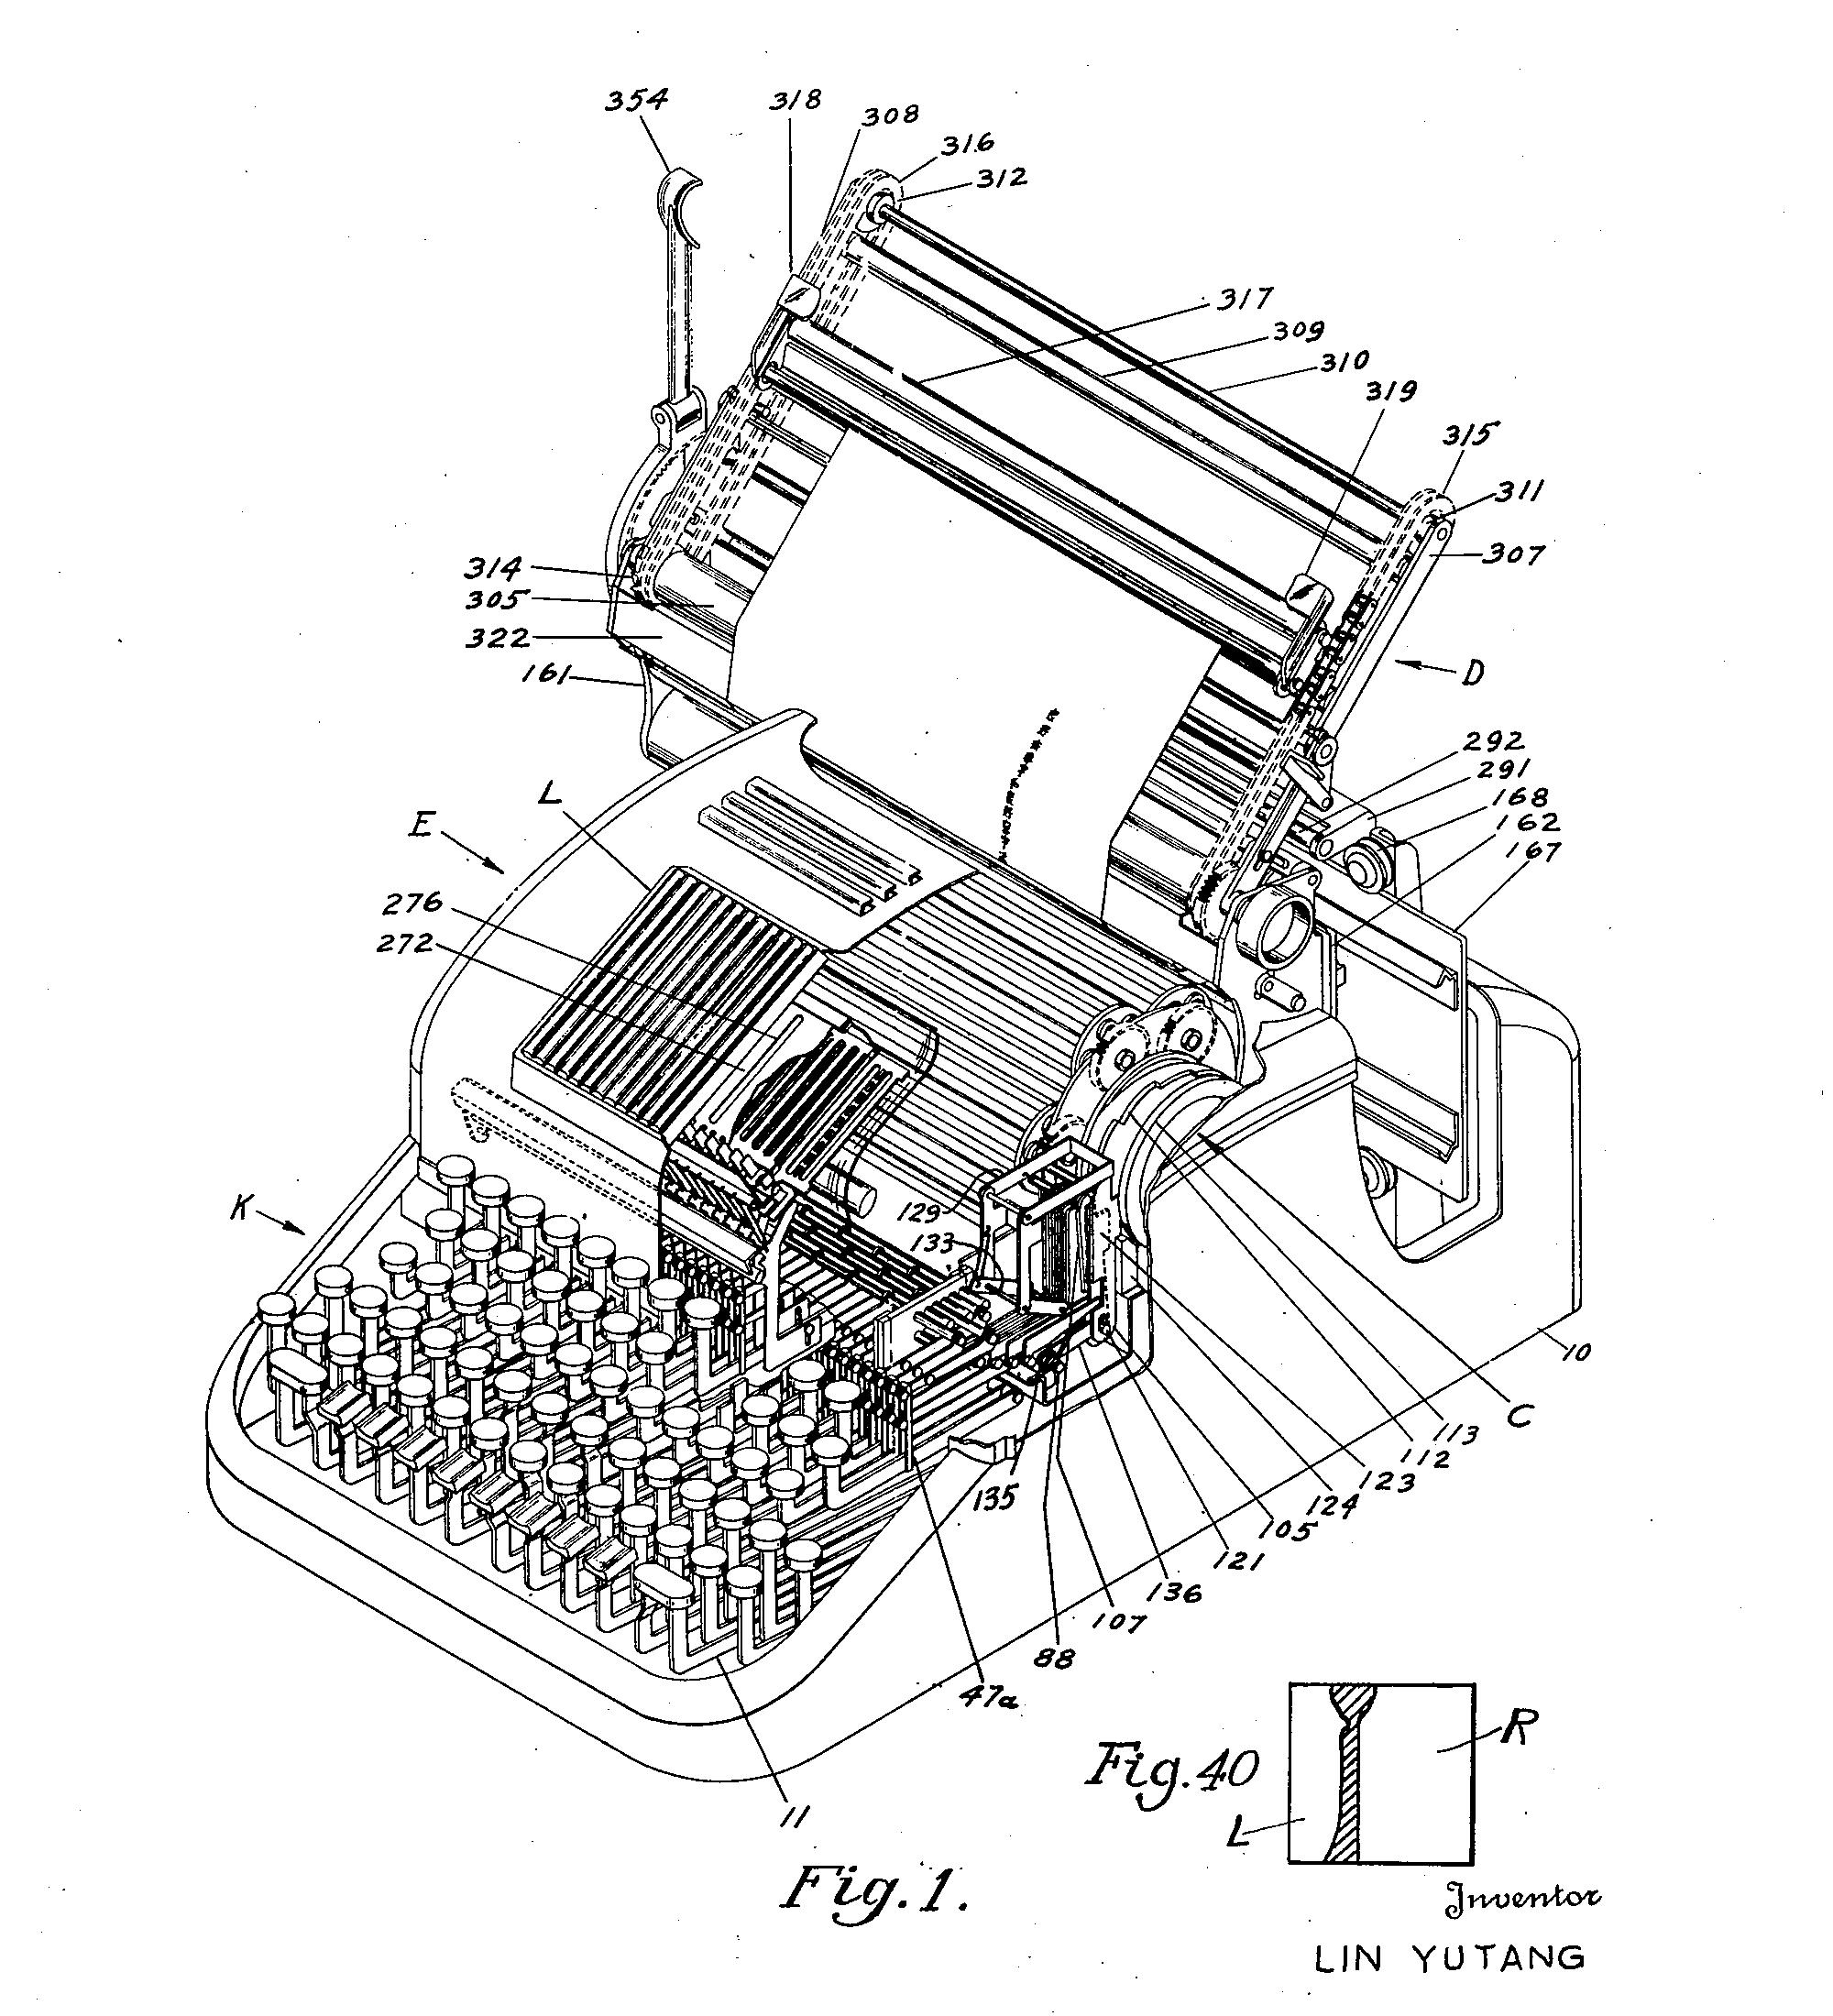 Китайская пишущая машинка — анекдот, инженерный шедевр, символ - 23